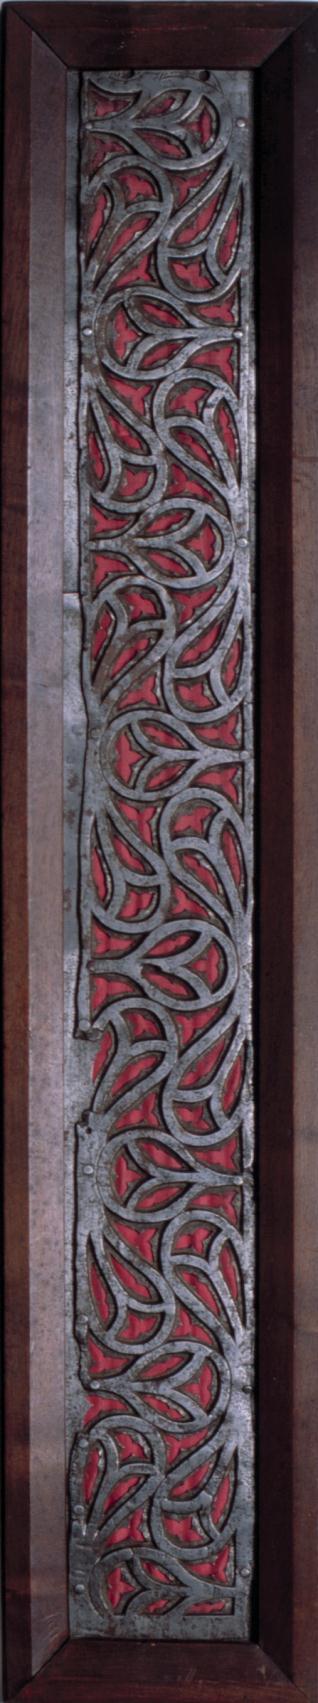 Plancha de hierro recortado